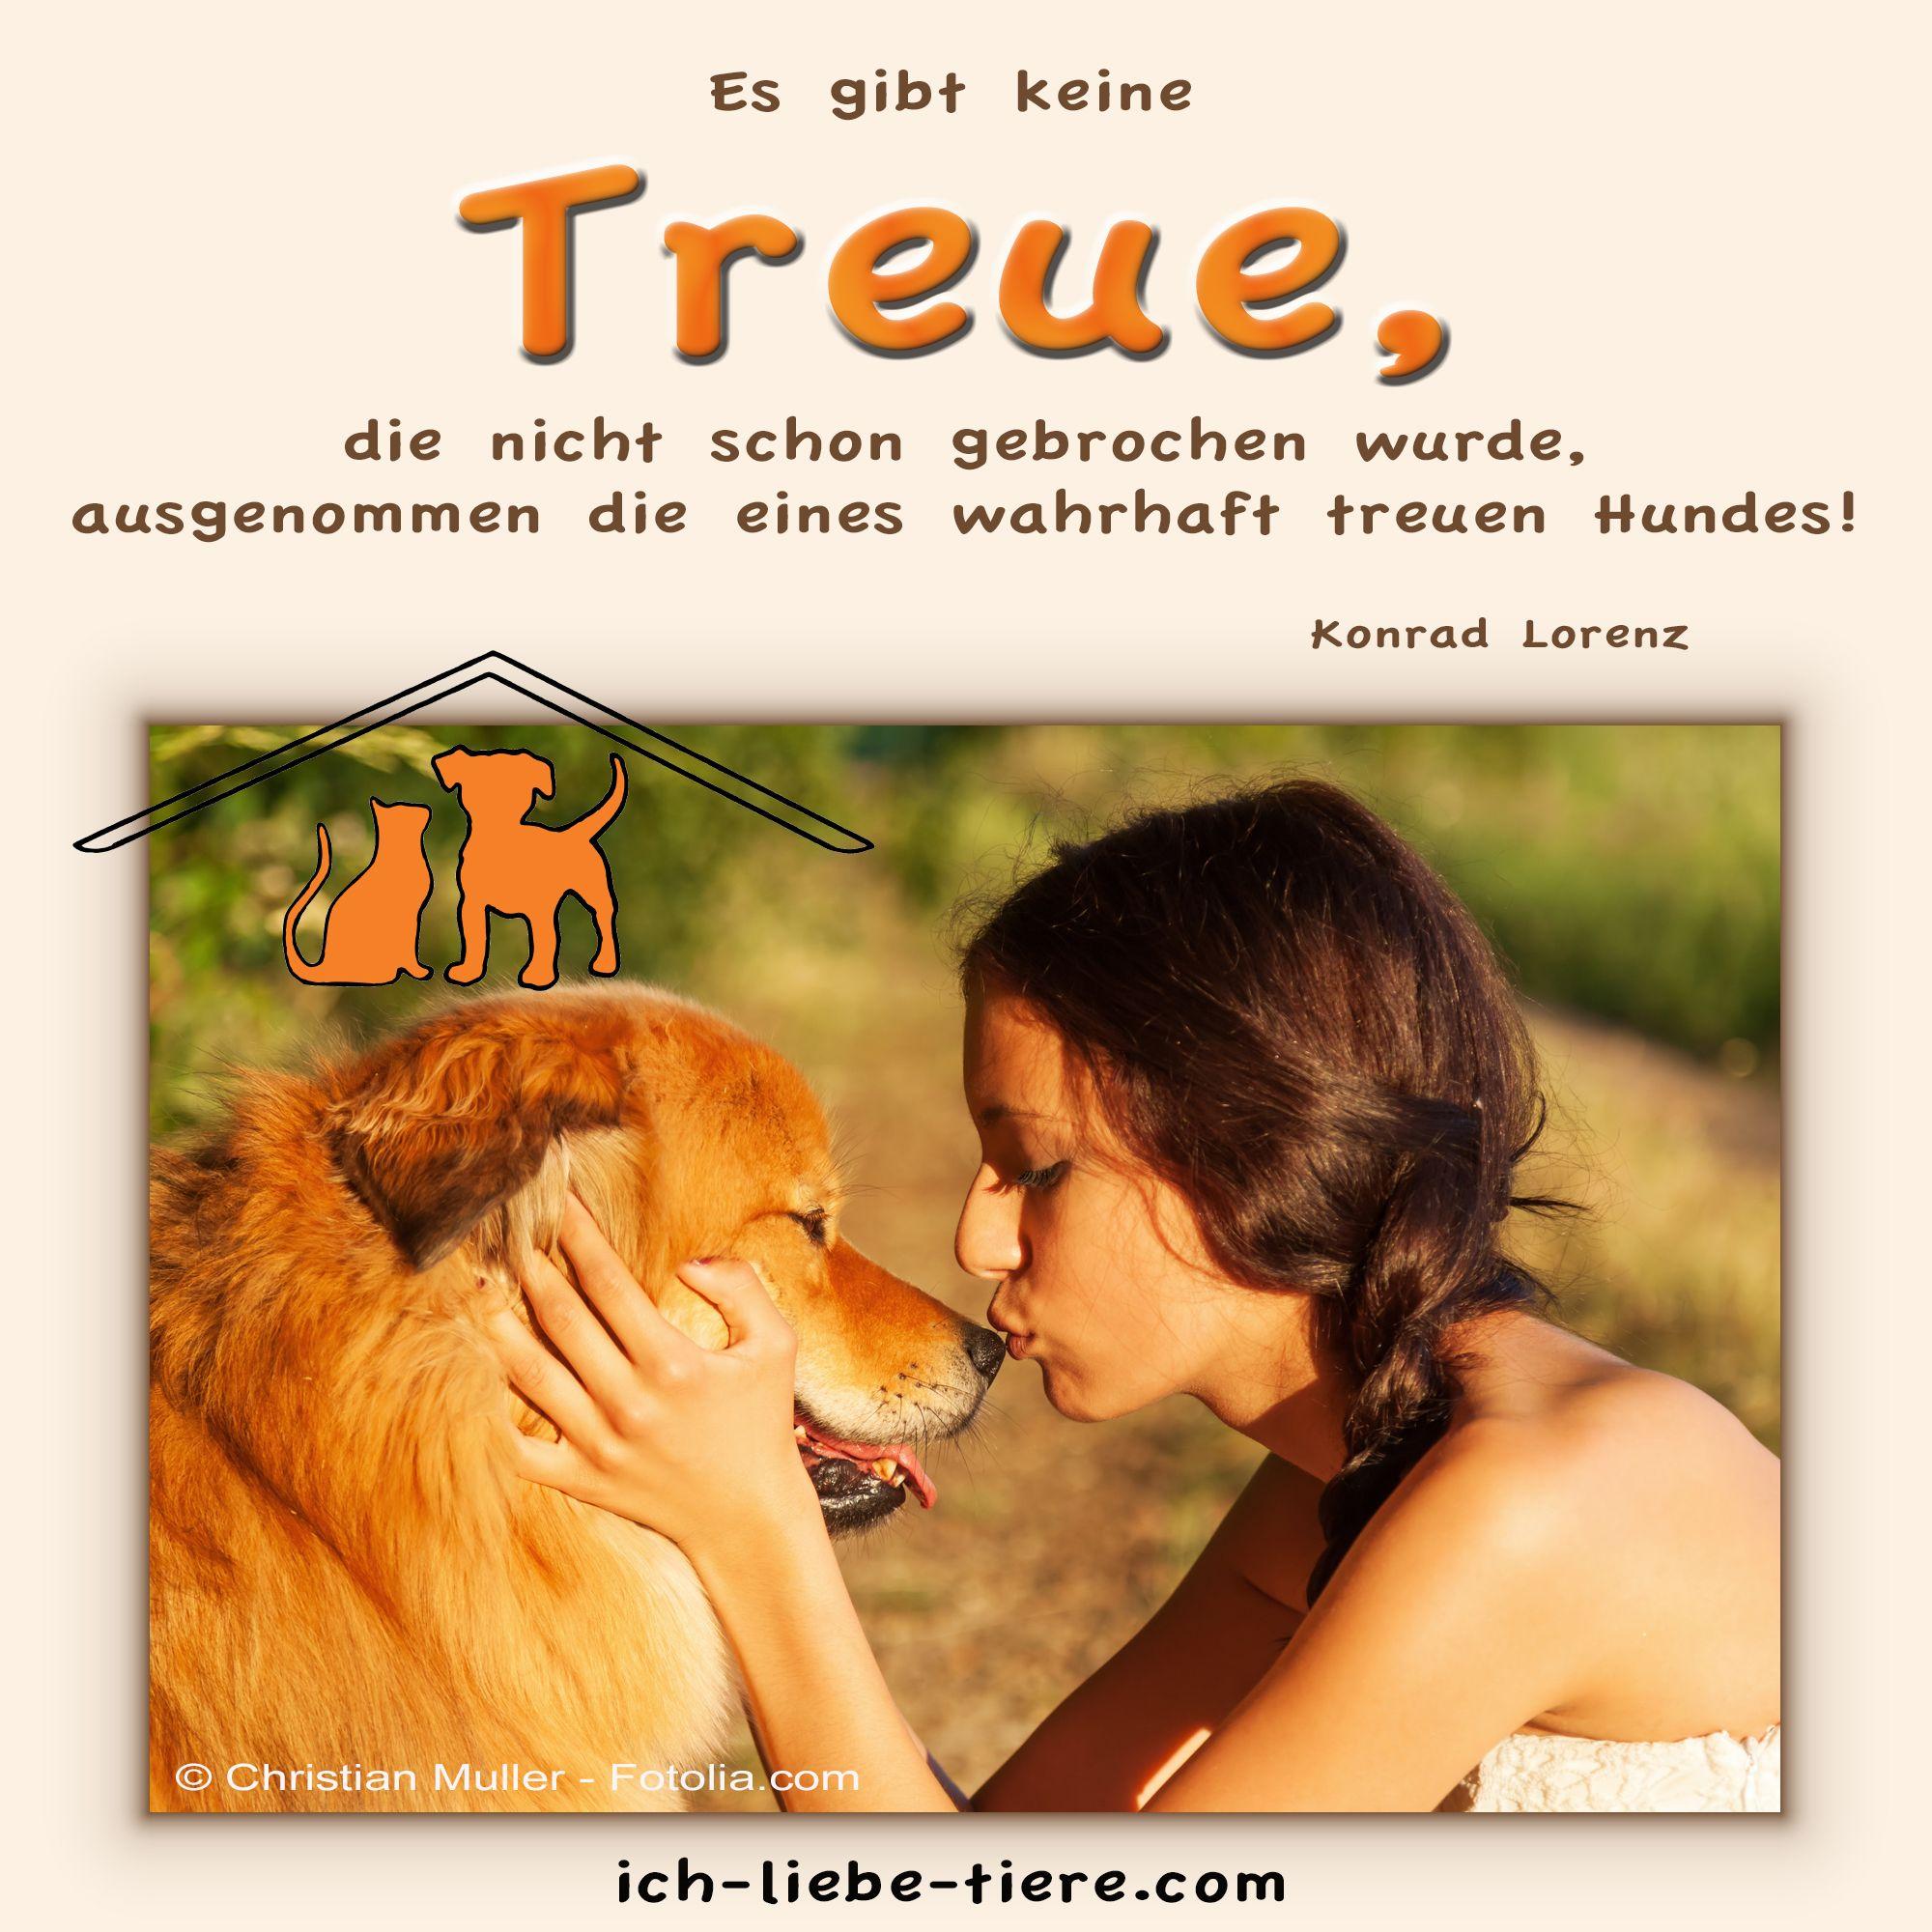 Es gibt keine Treue, die nicht schon gebrochen wurde, ausgenommen die eines wahrhaft treuen Hundes.  http://www.ich-liebe-tiere.com/